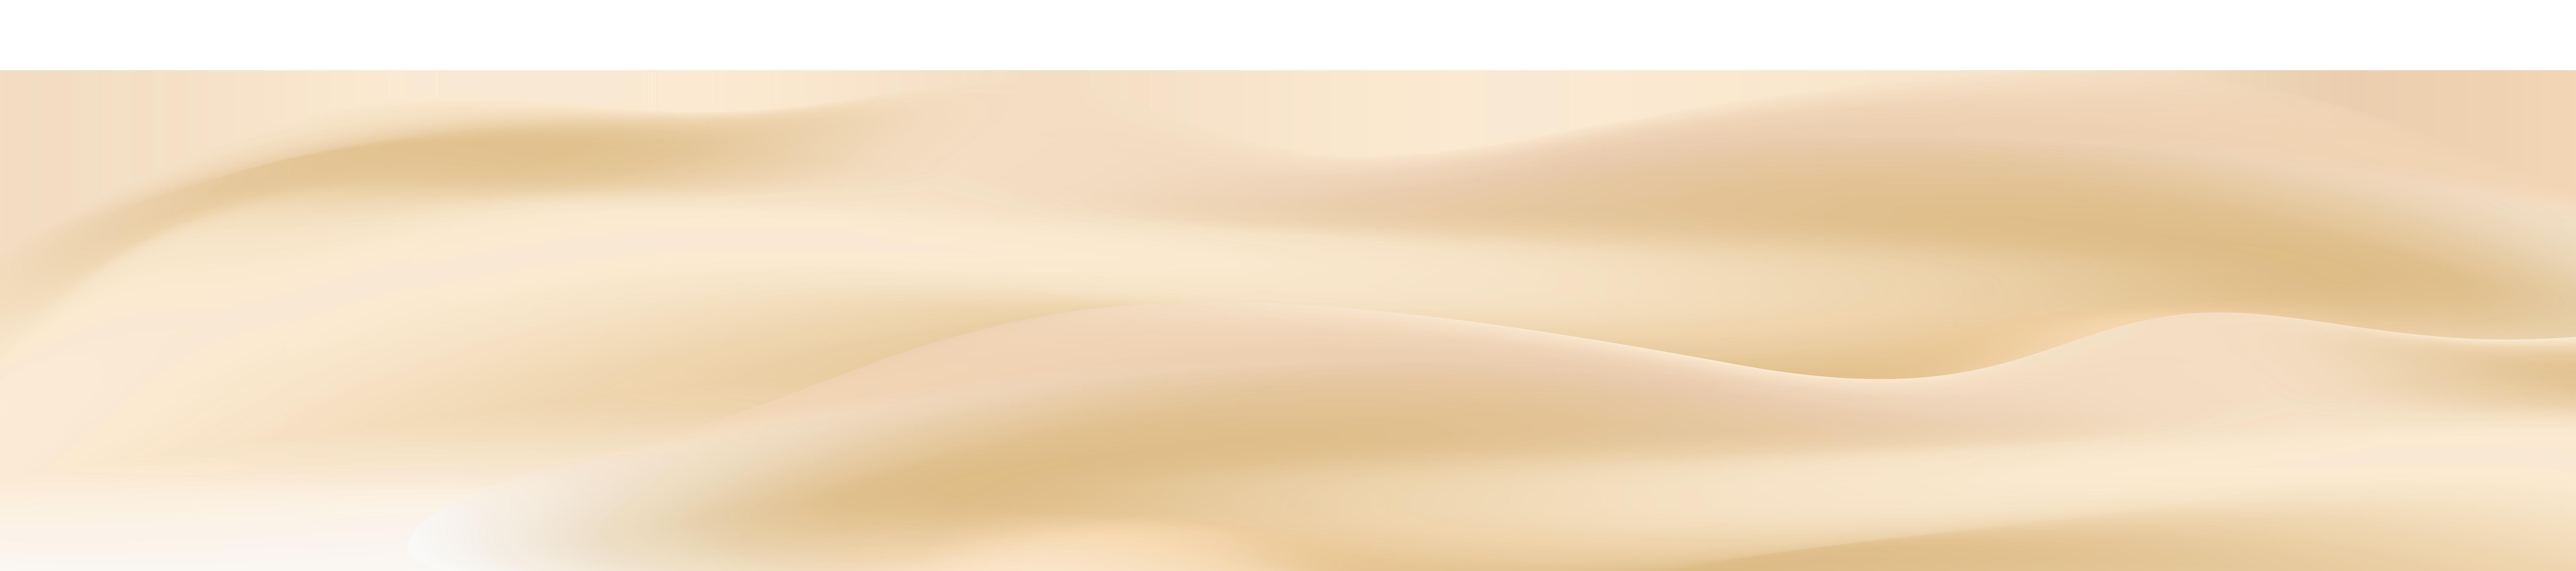 sand clip art png image transparentes sommer pinterest clip rh pinterest com sand clipart transparent sand clipart transparent